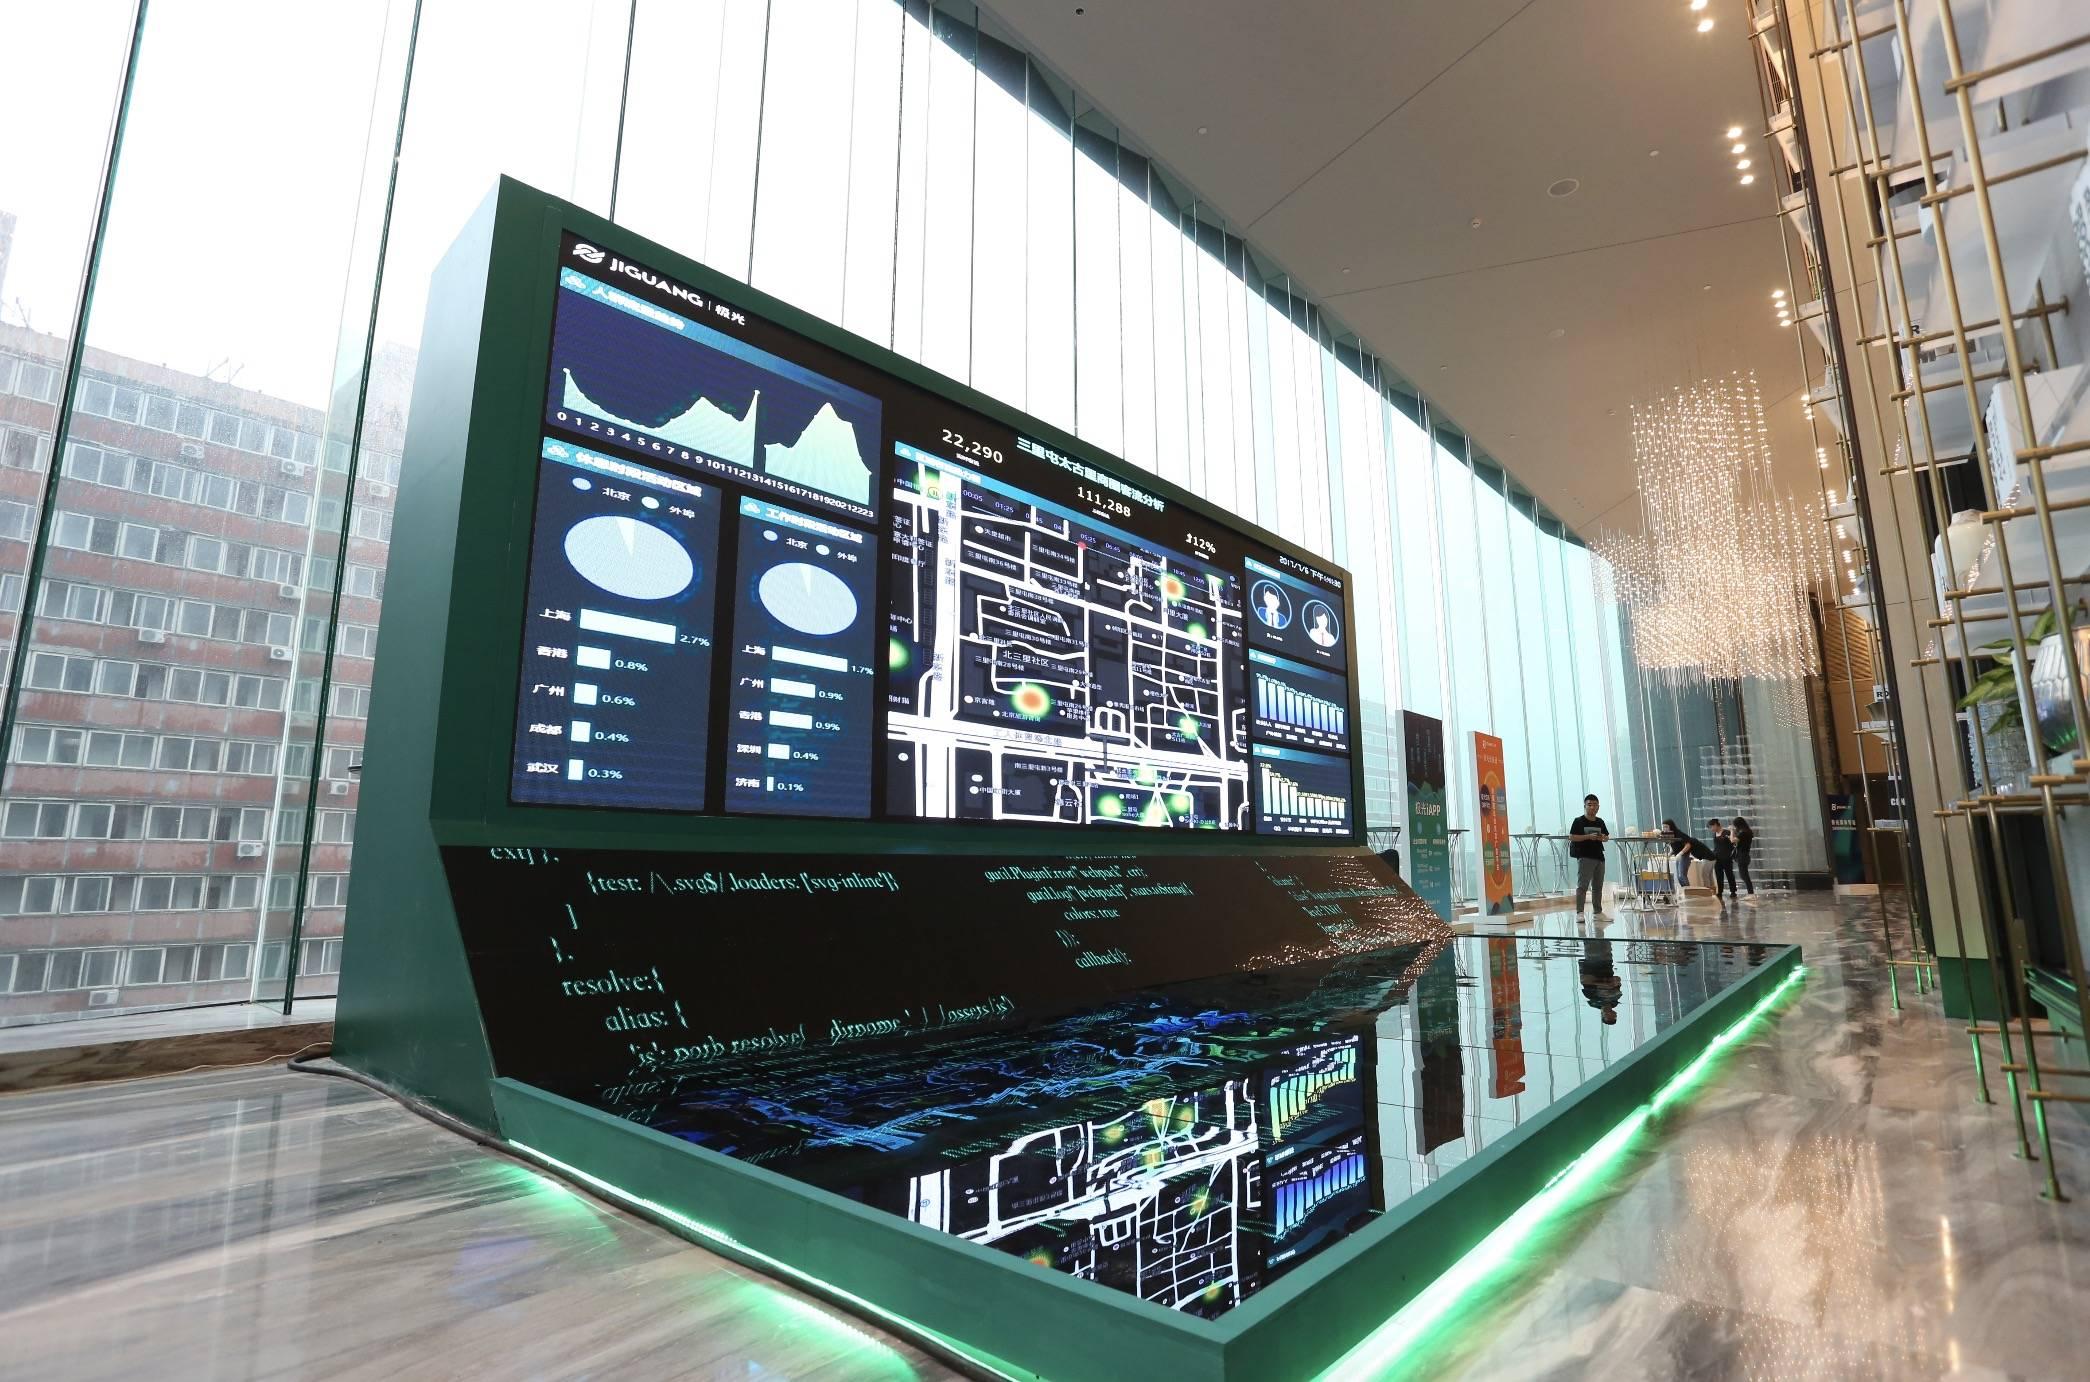 极光D轮融资发布会现场的一块屏幕上,展示着发布会周边地区的人流特征